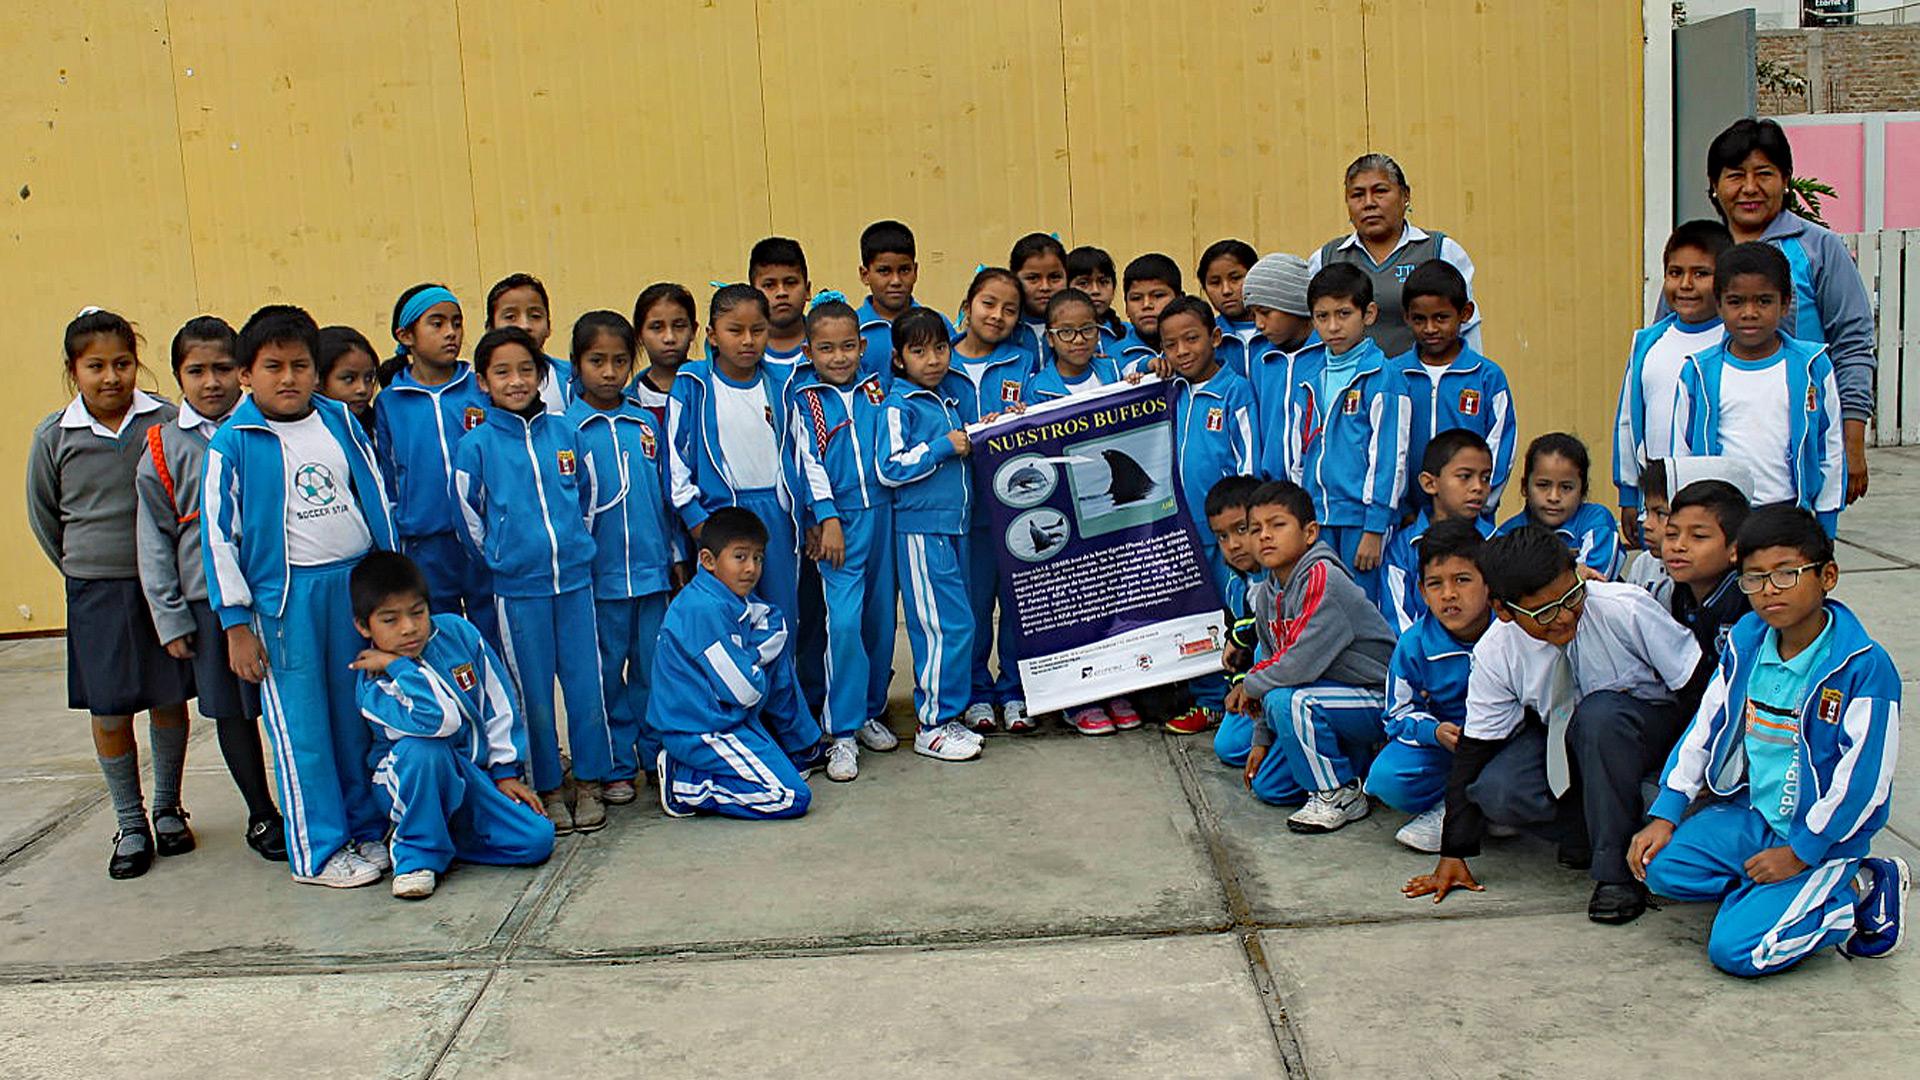 Die Lehrer und Schüler der 185 Schule von San Andrés (Pisco) sind enthusiastische Delfinfans.